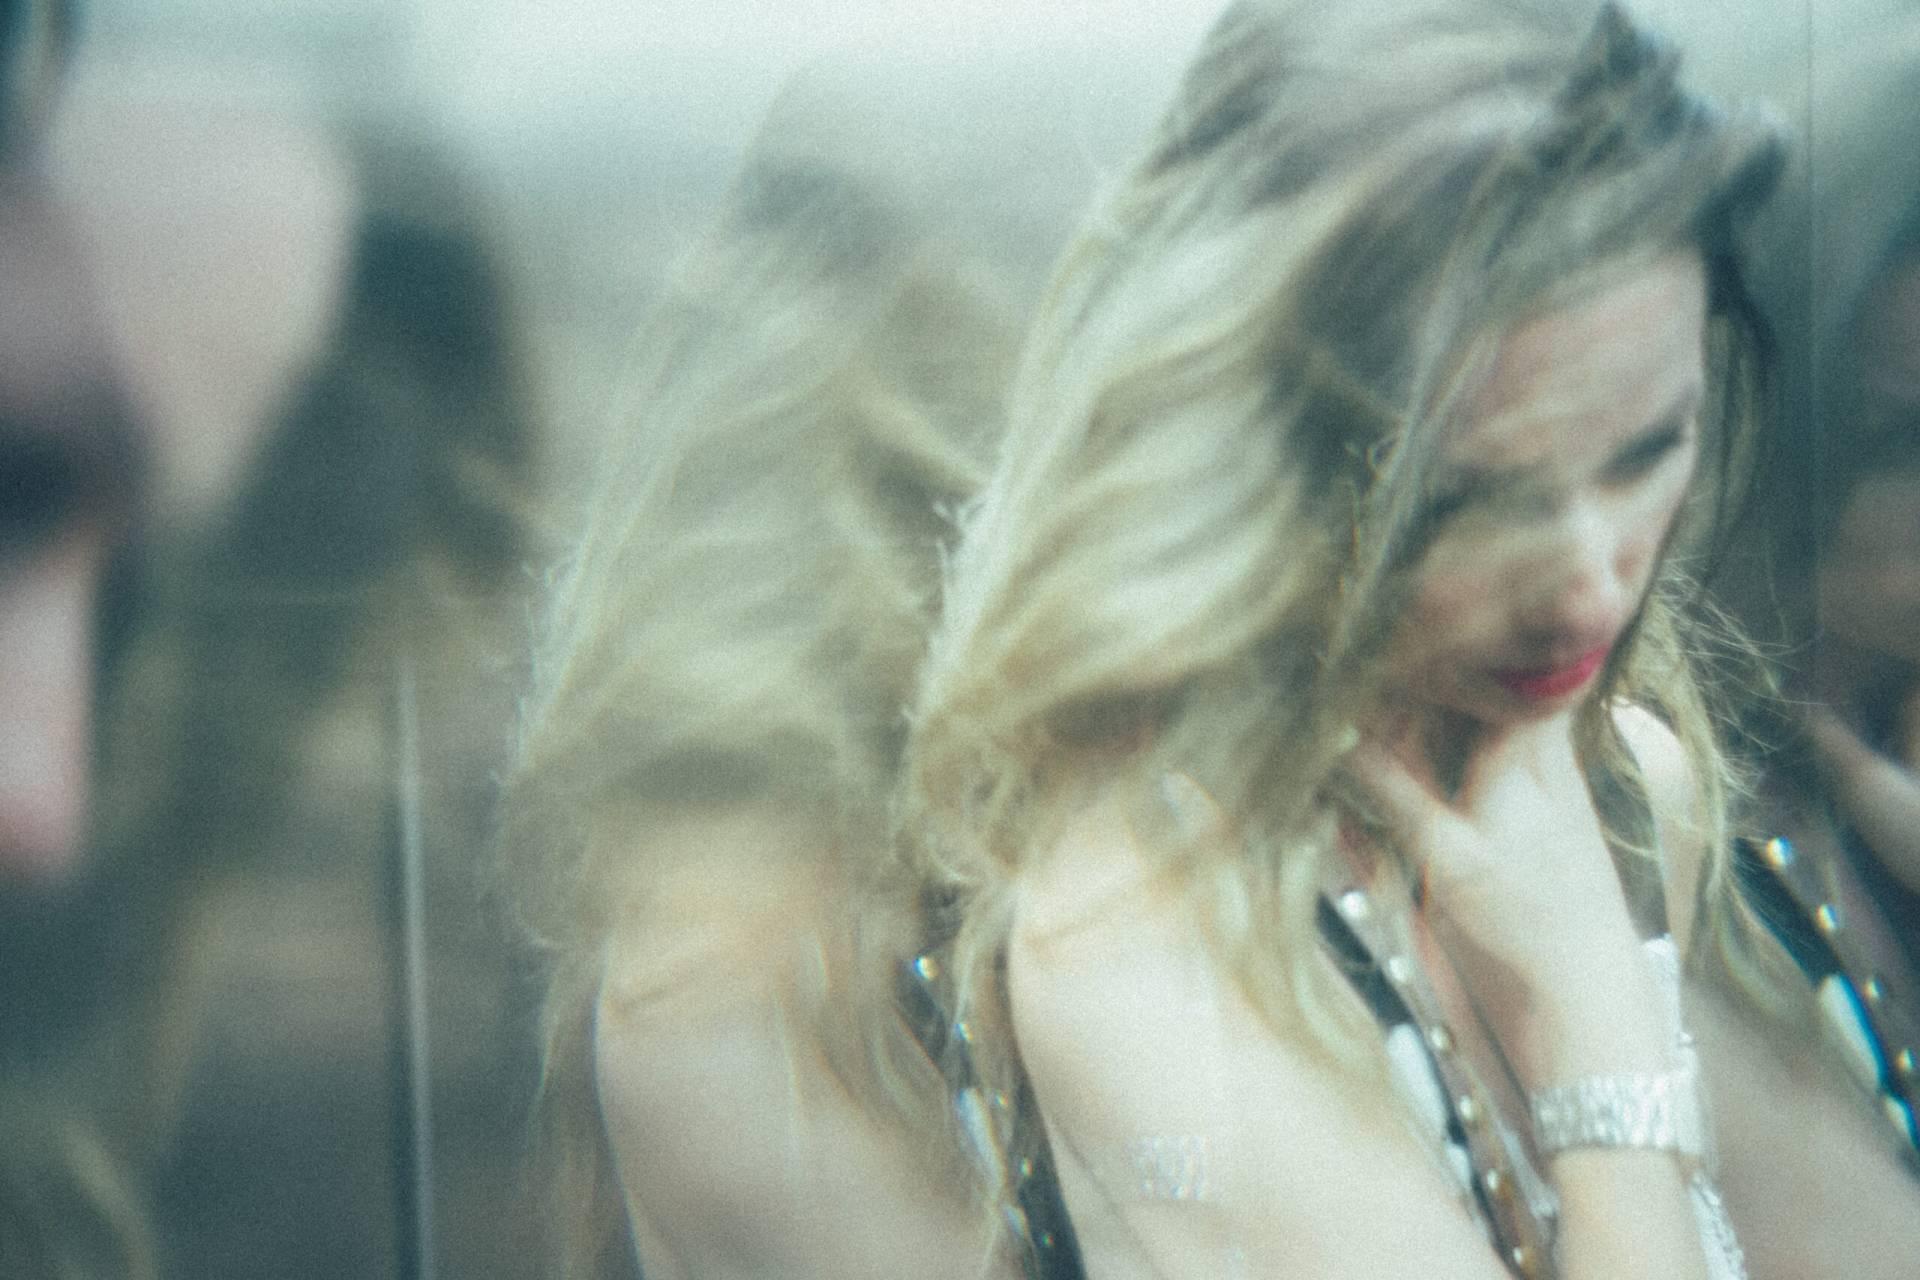 kvinna omringad av speglar